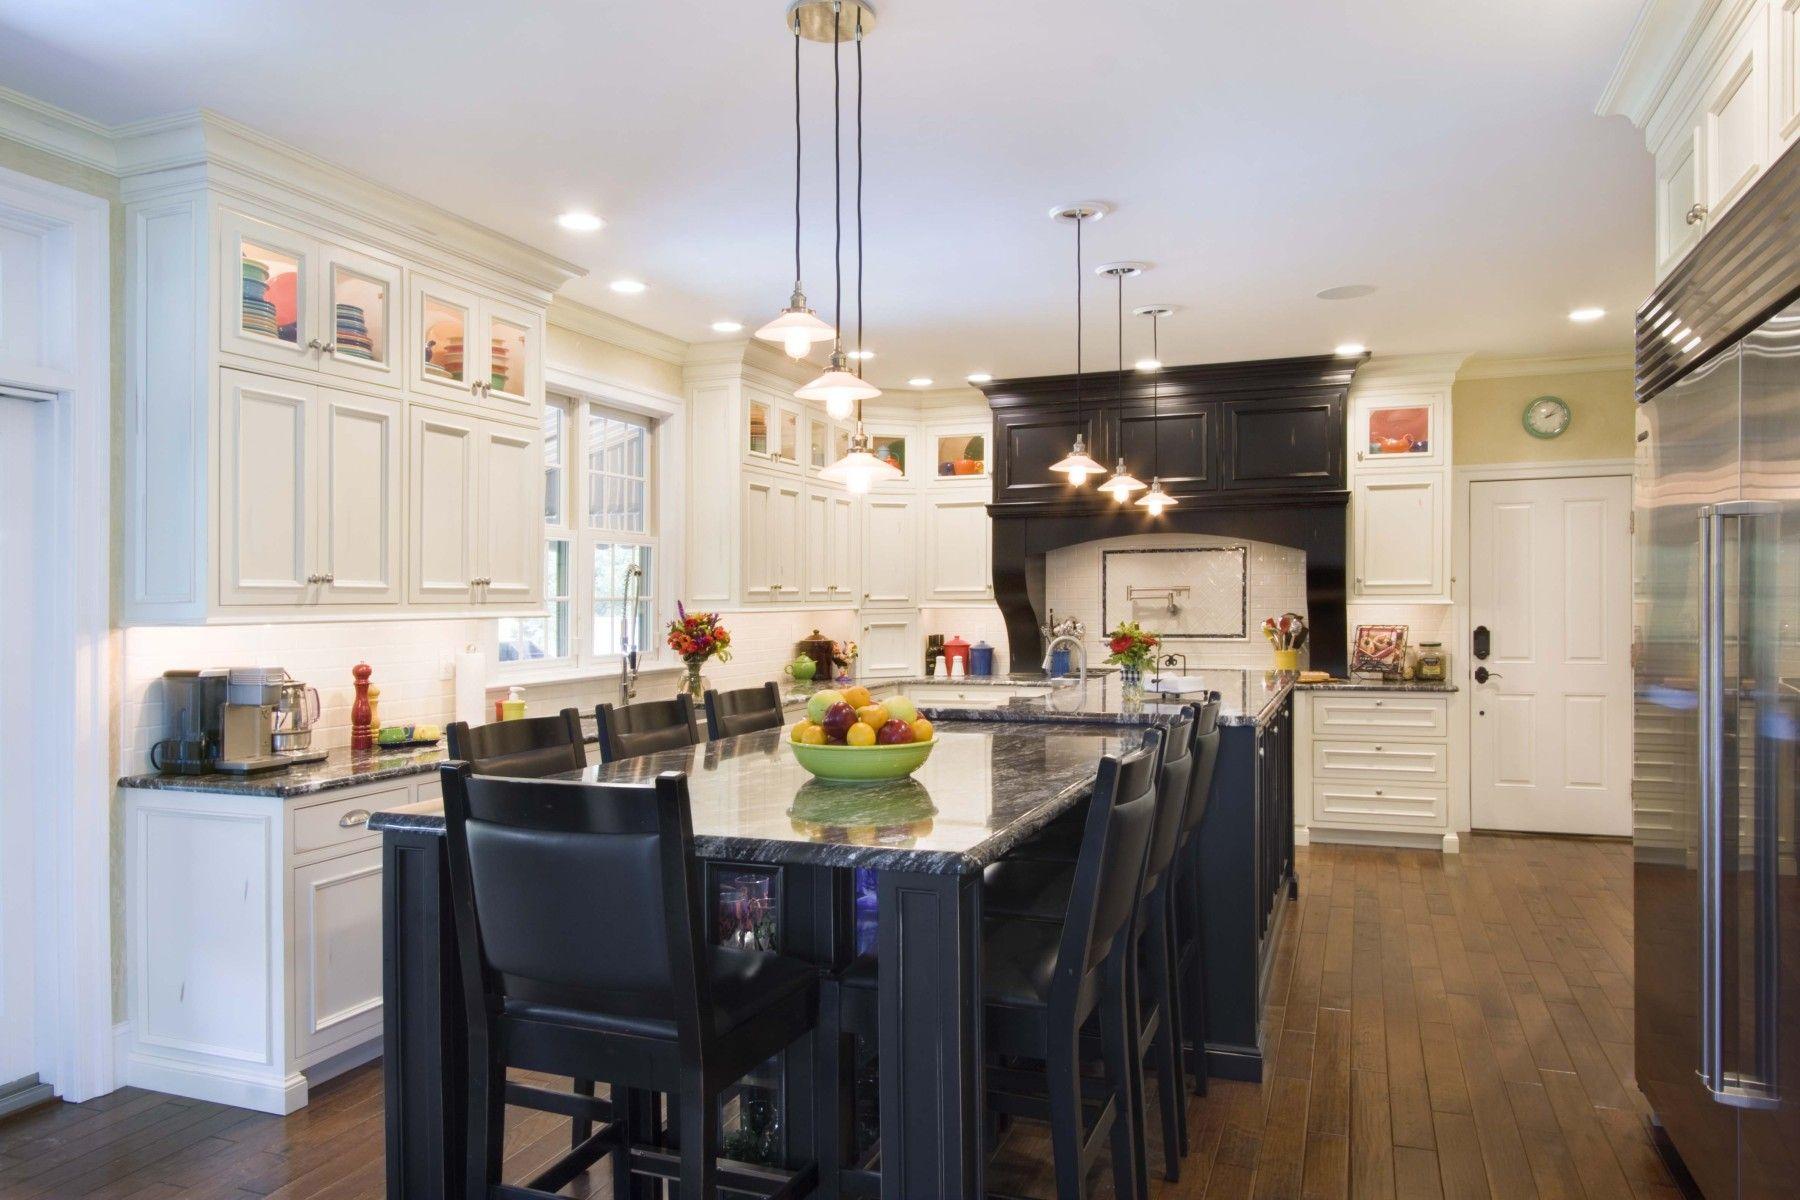 Fein Halb Benutzerdefinierte Küchenschränke Bilder - Küche Set Ideen ...